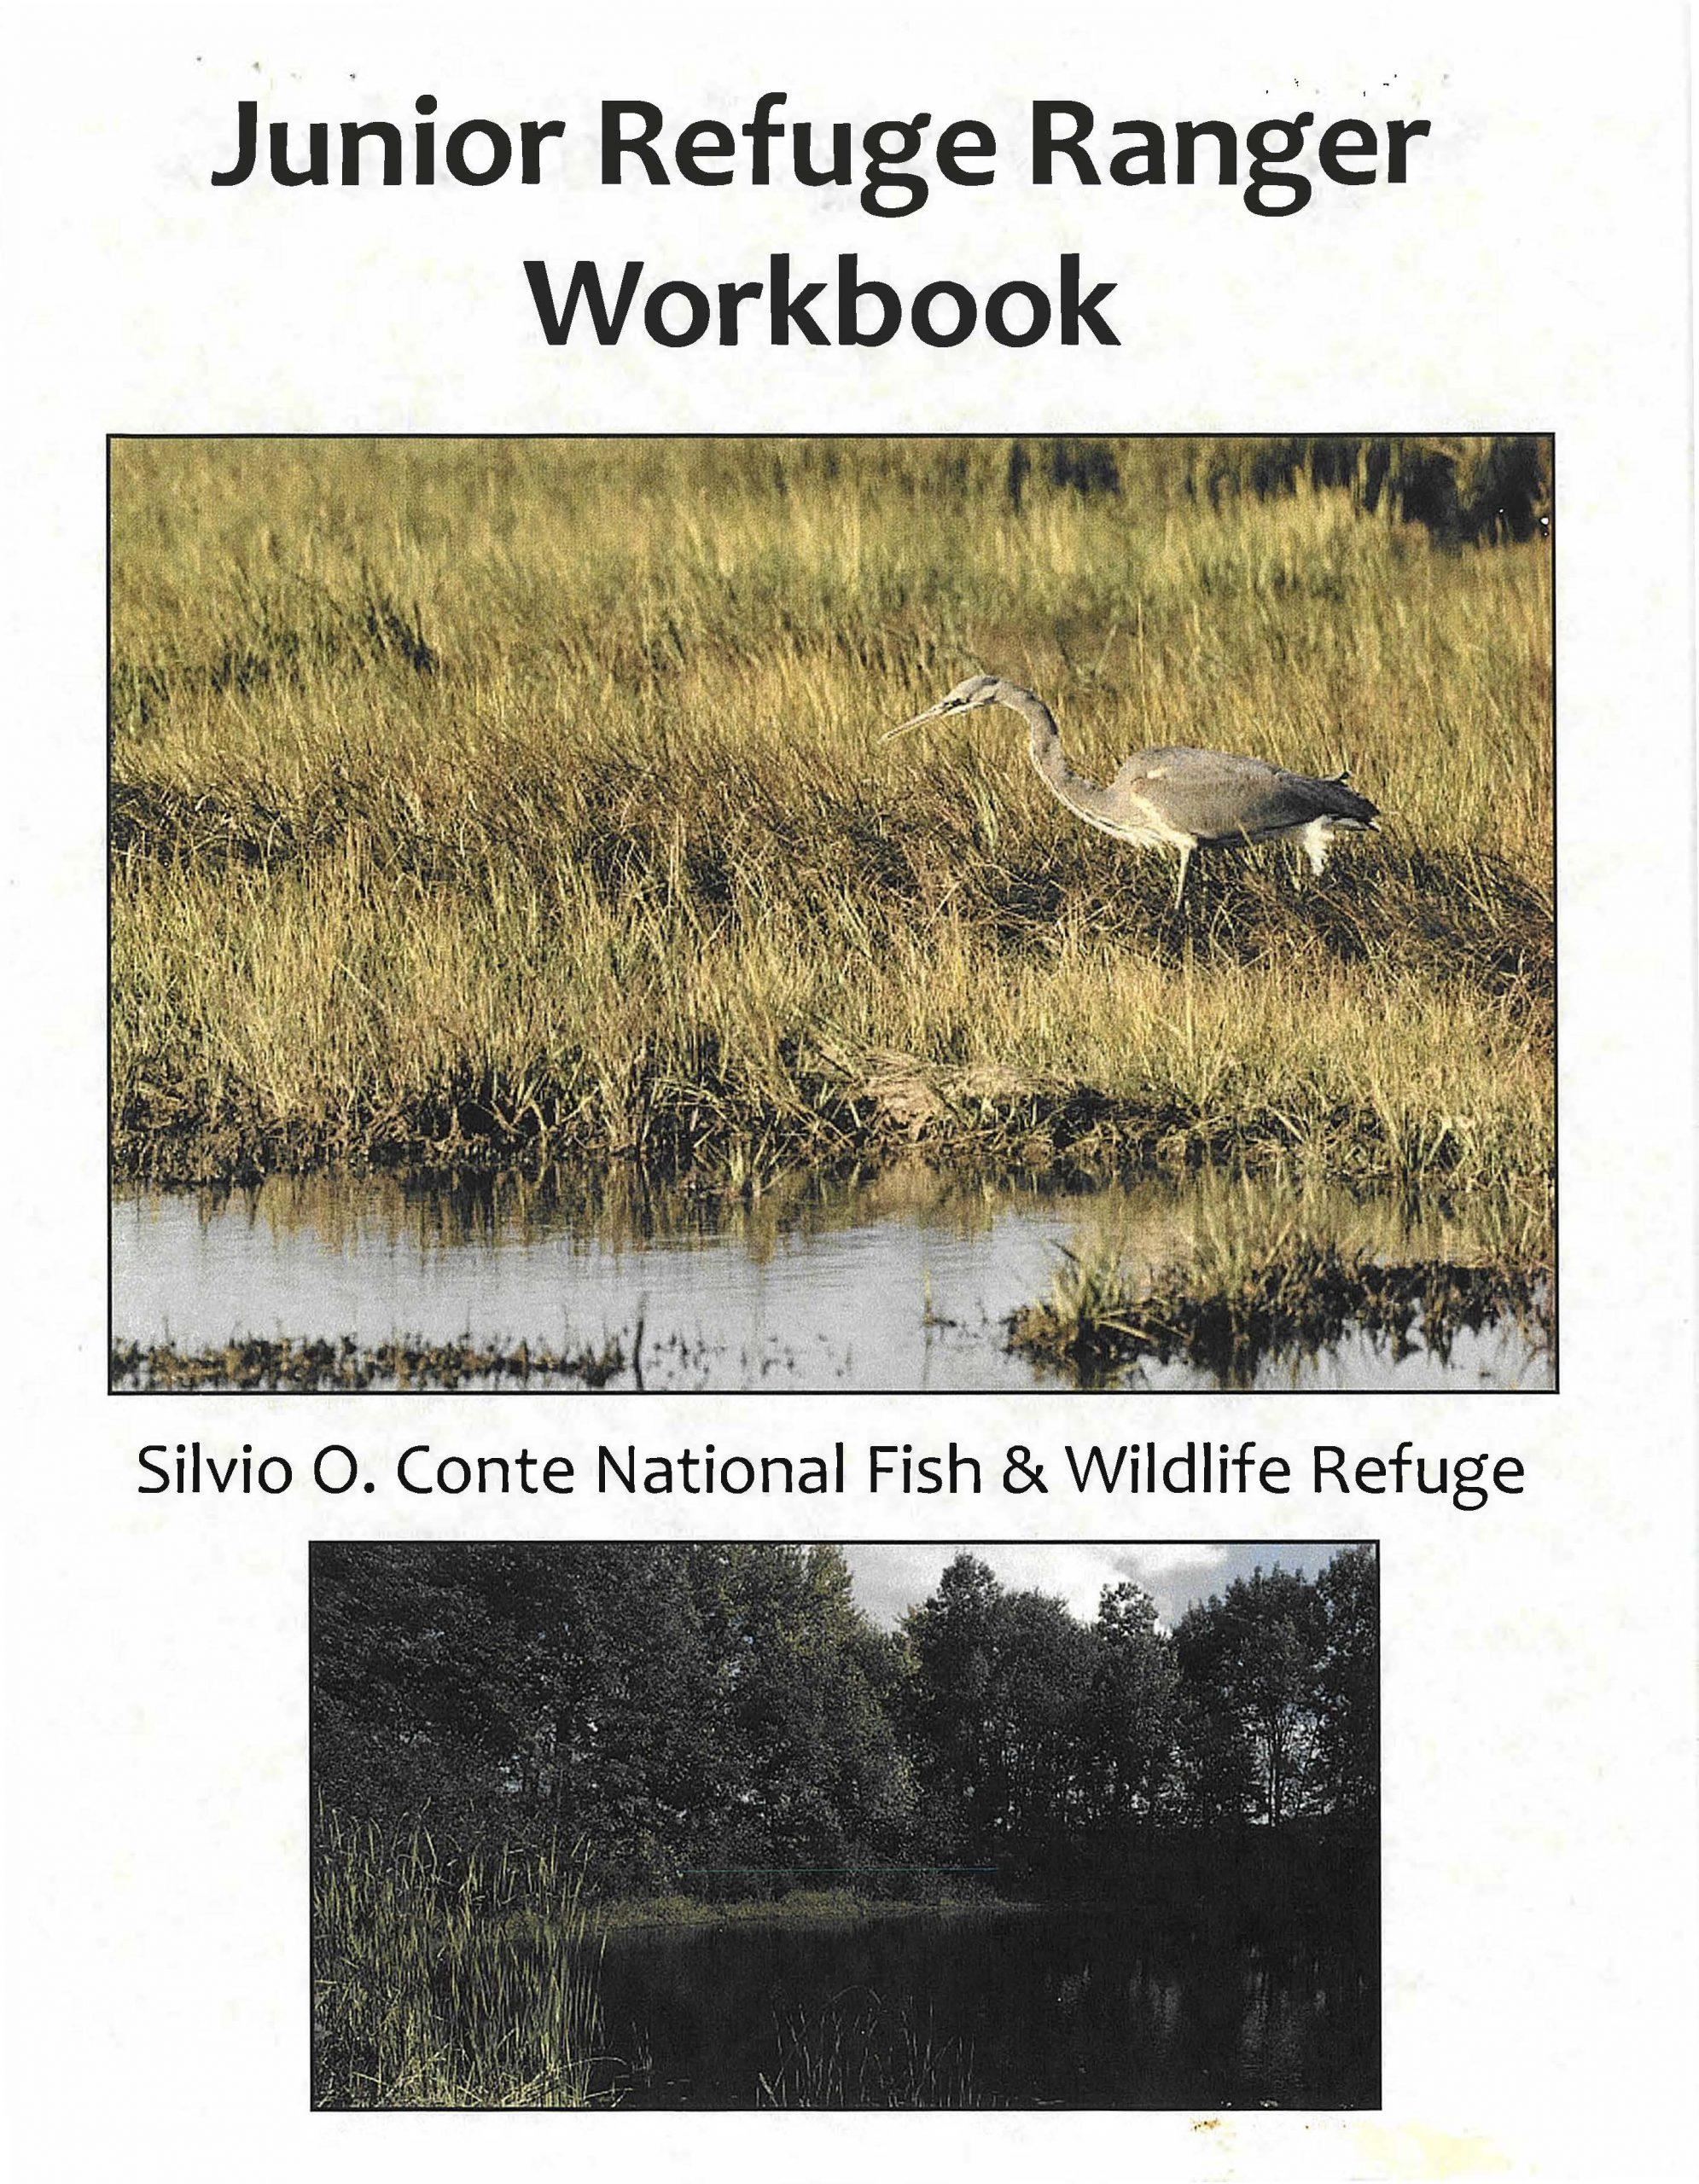 Junior Refuge Ranger Workbook